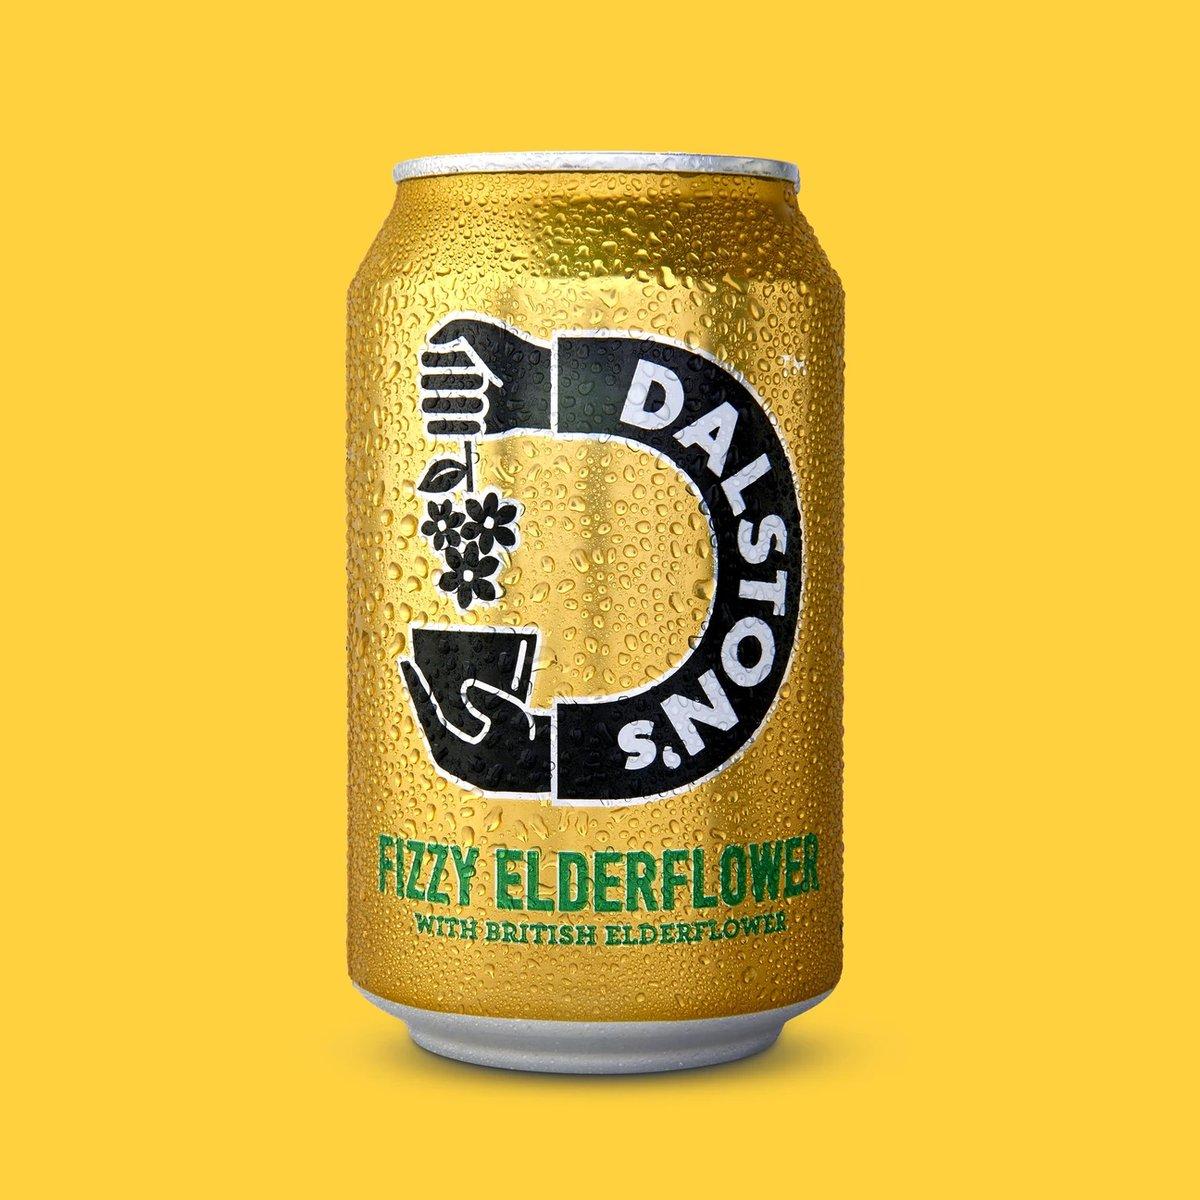 ADD DALSTON'S SODA